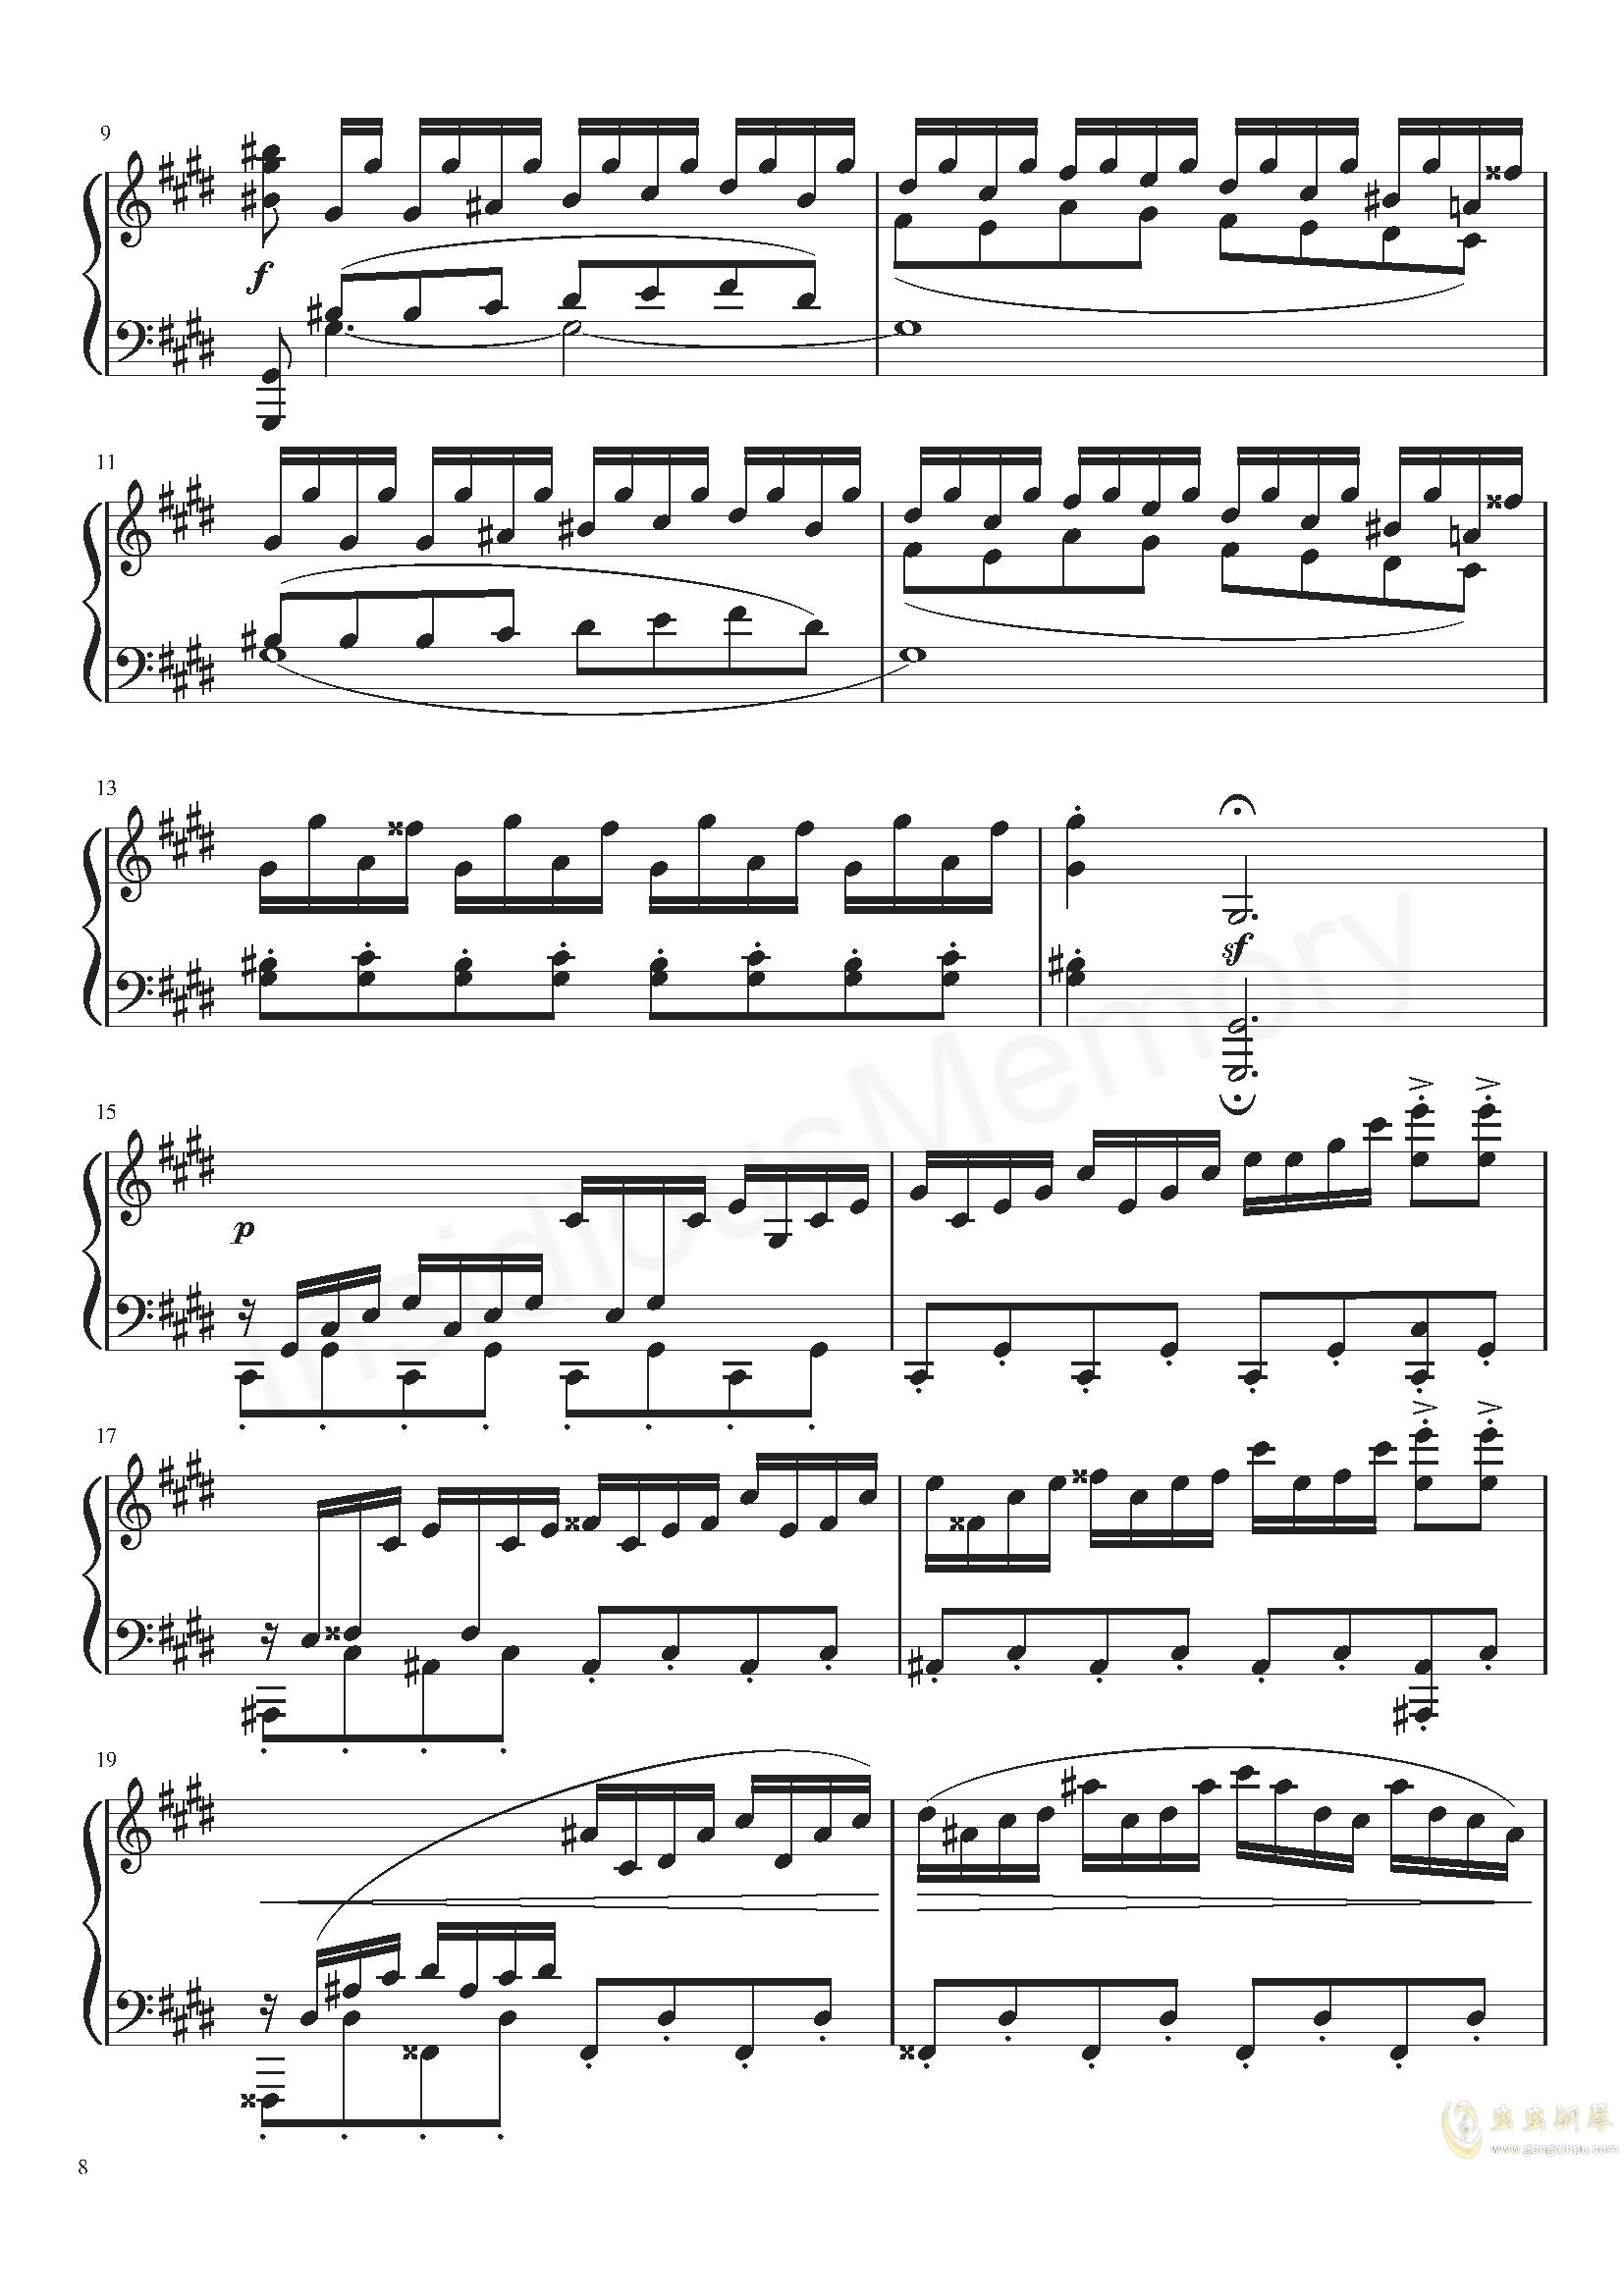 月光奏鸣曲钢琴谱 第8页